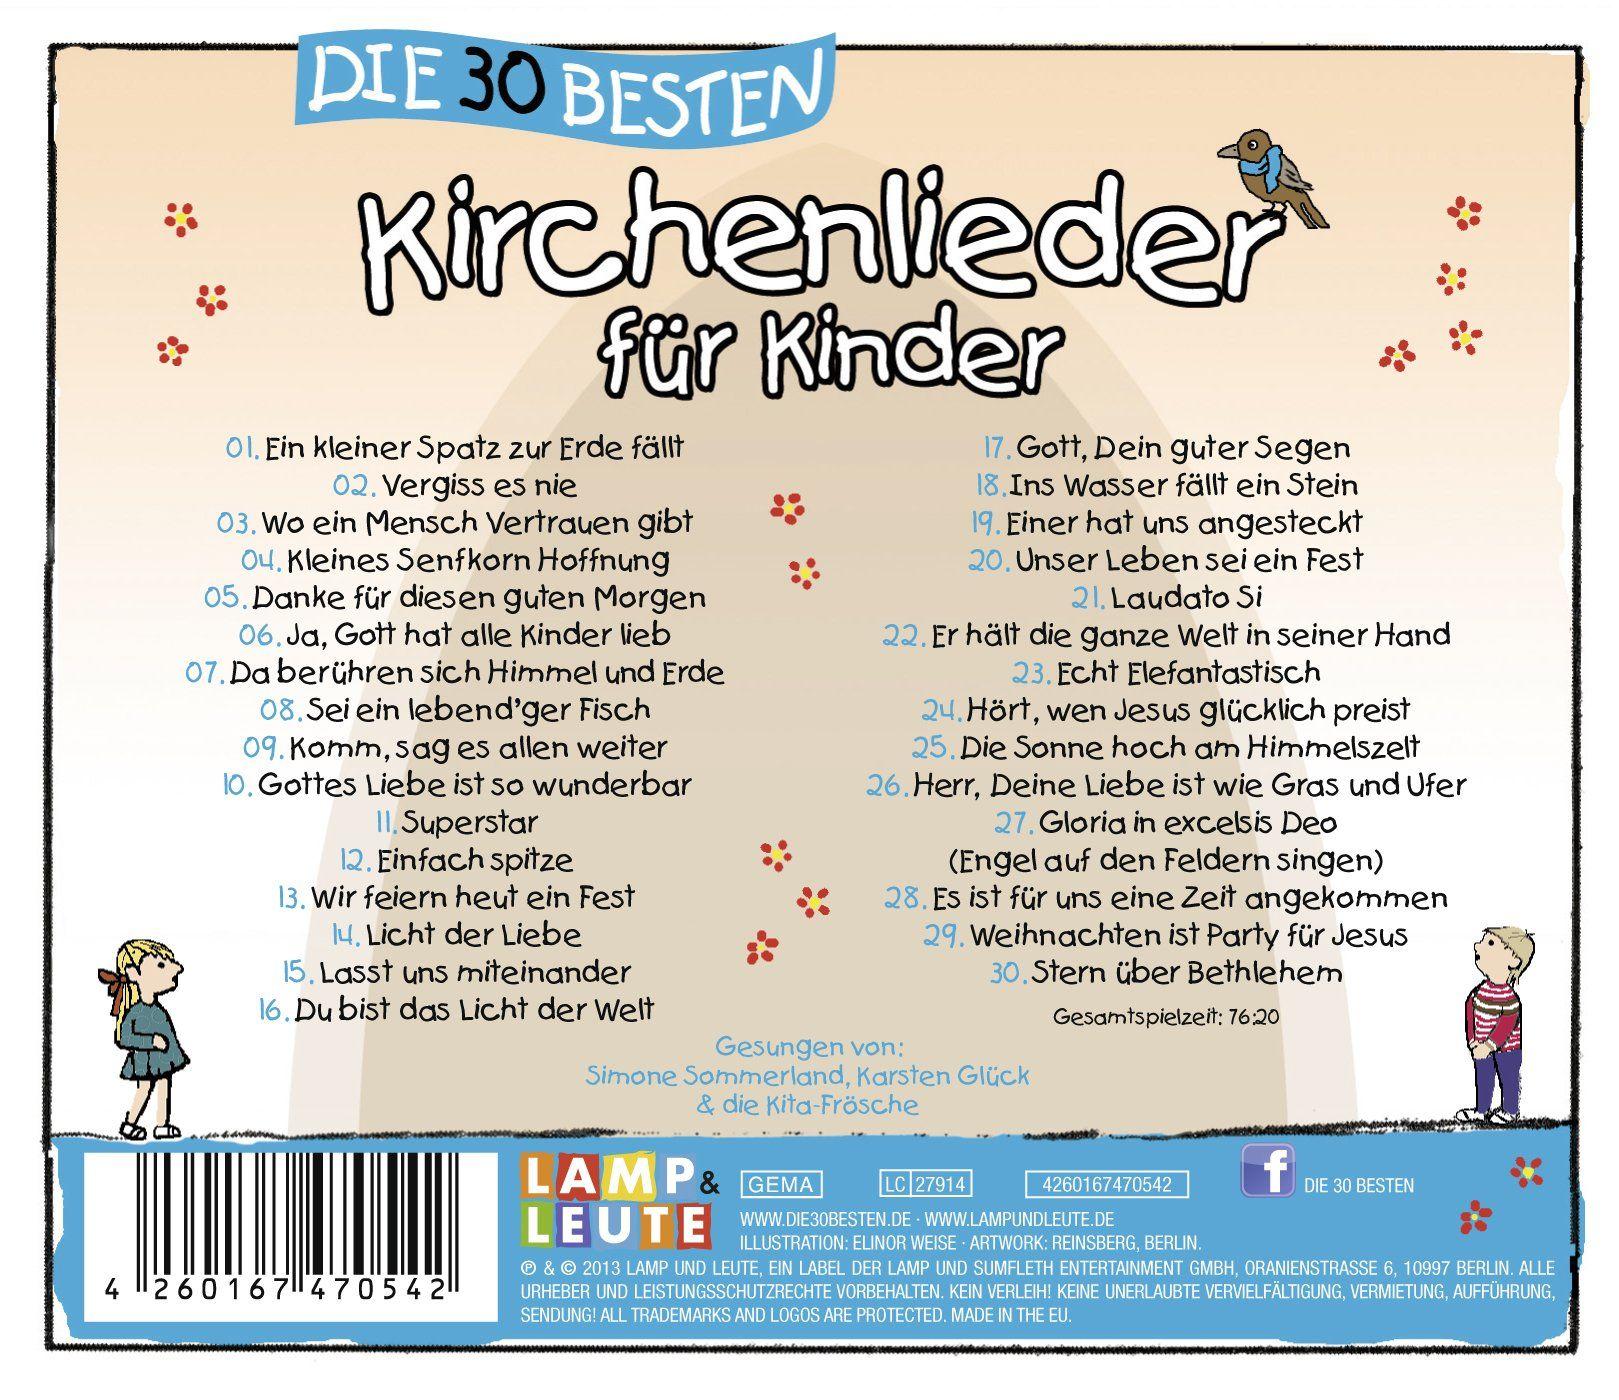 Die 30 Besten Kirchenlieder Fur Kinder Mit Allen Liedtexten Zum Mitsingen Amazon De Musik Kinder Liedtext Lied